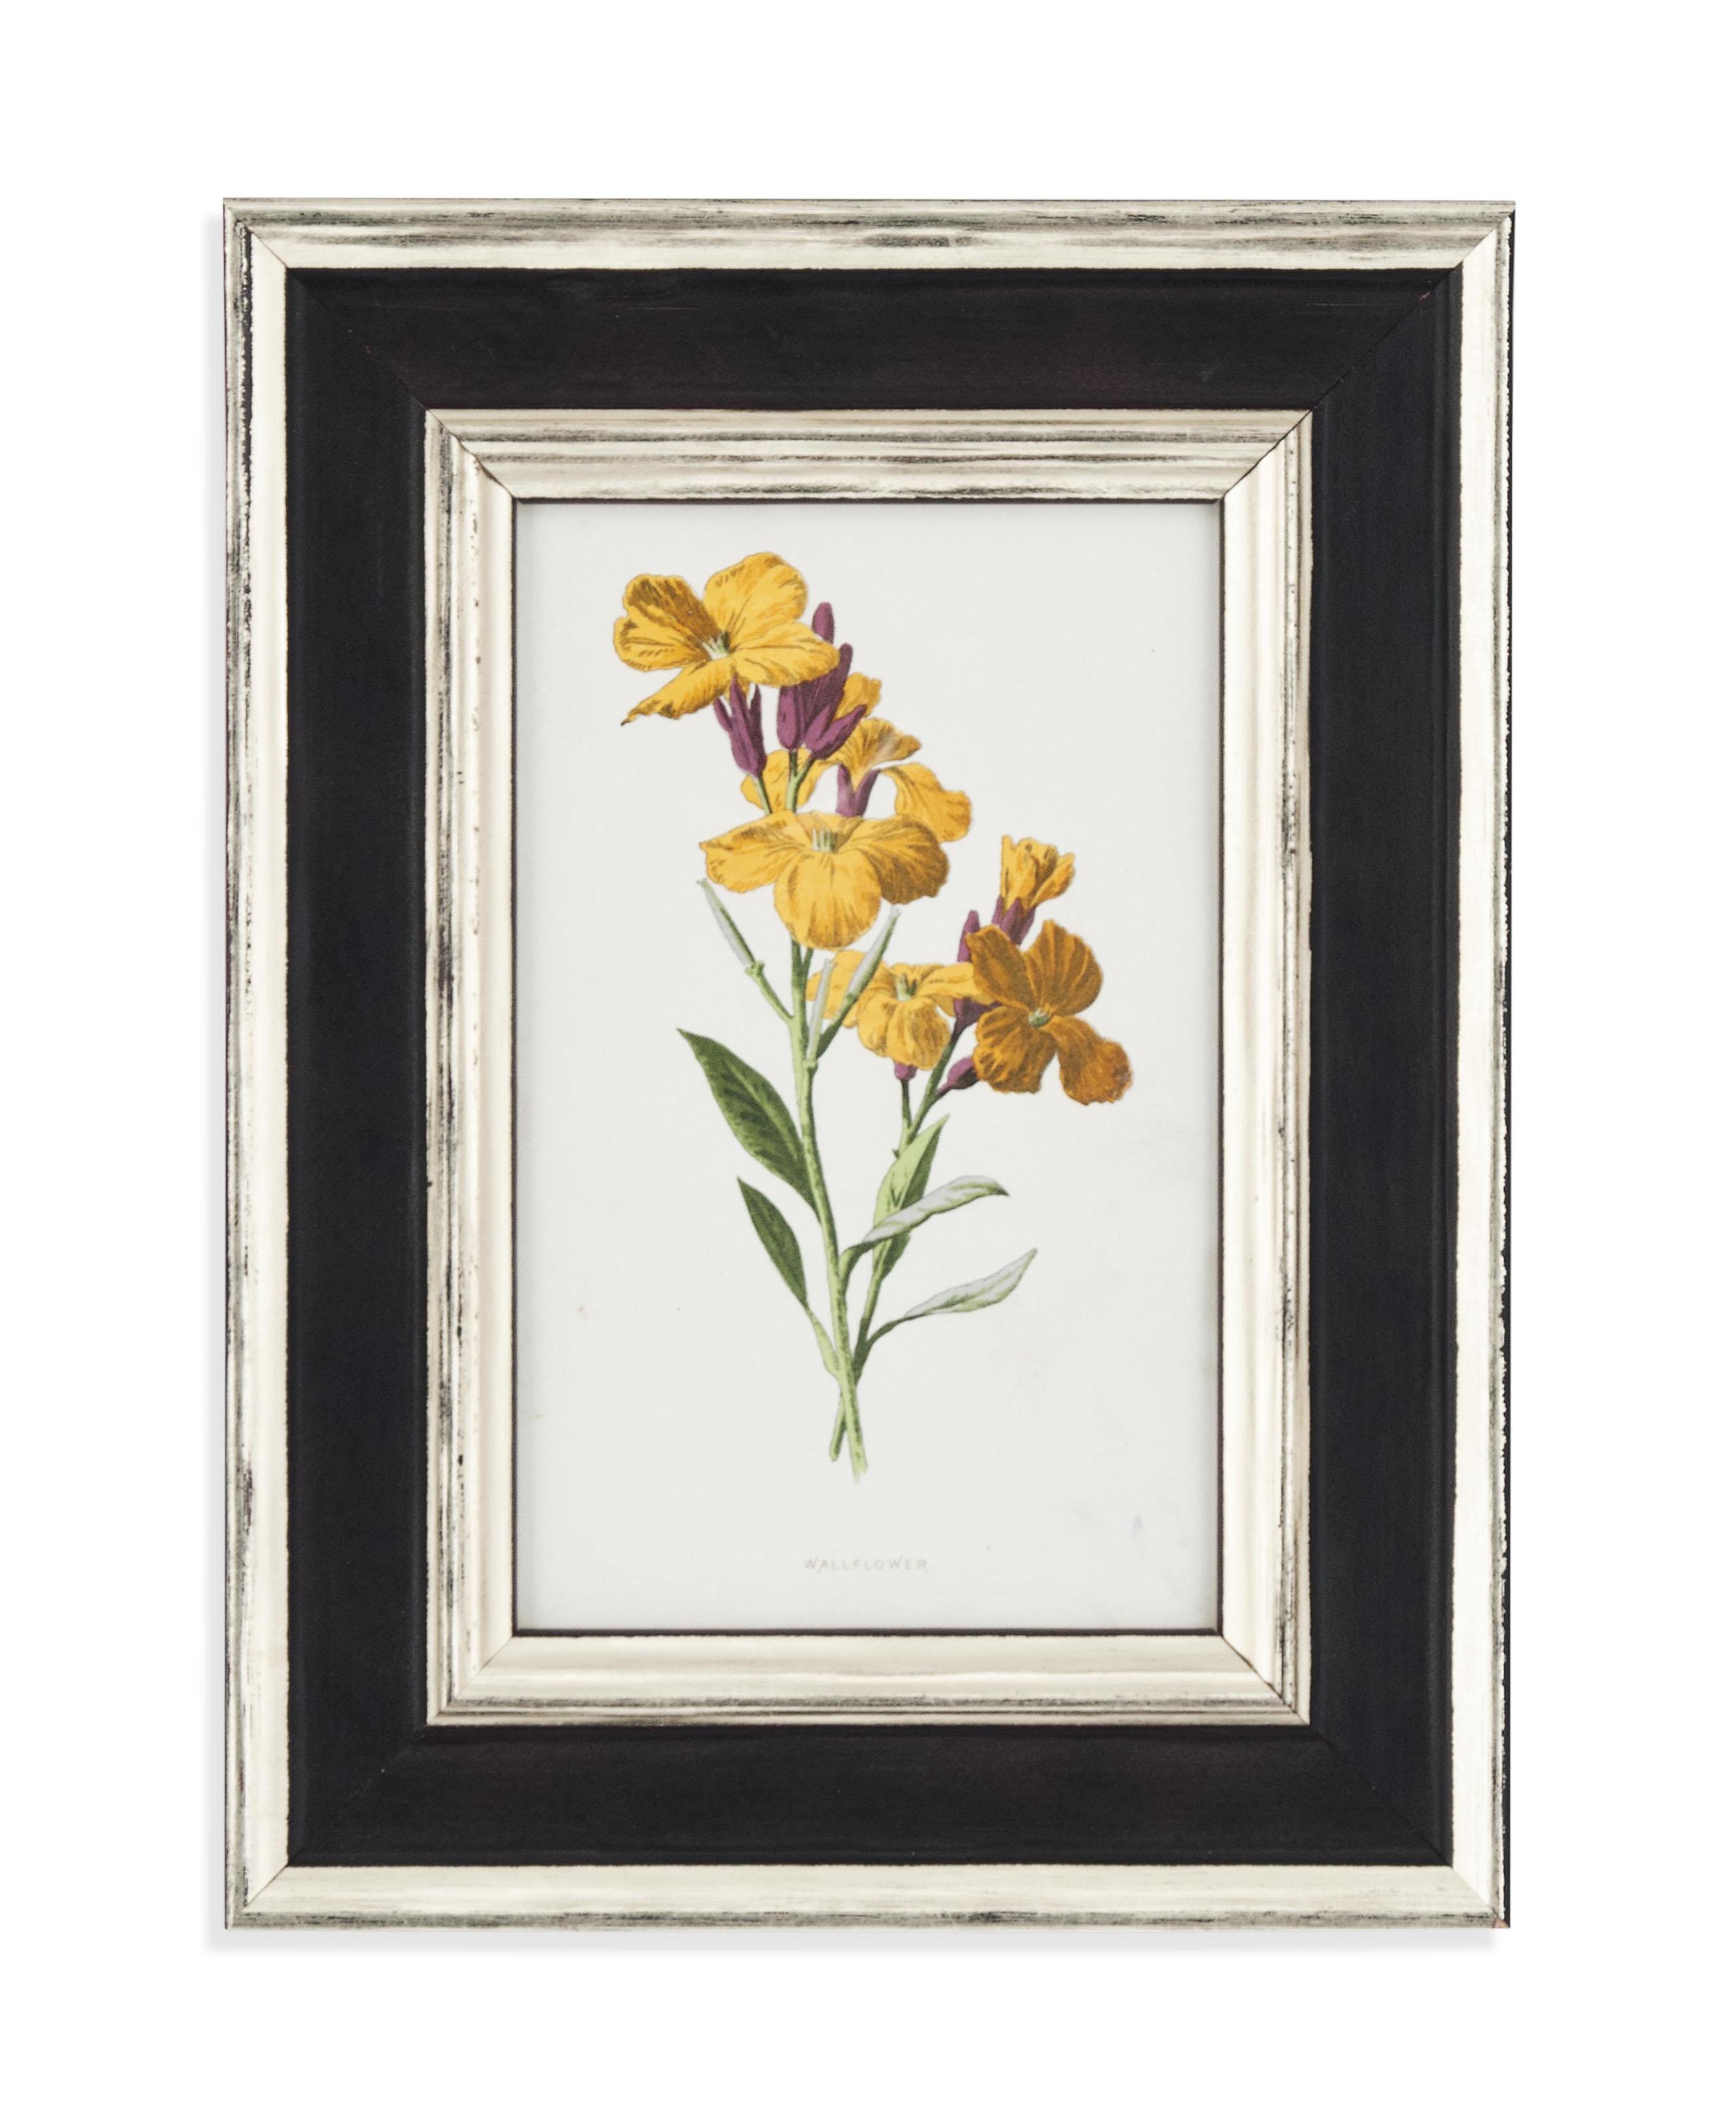 SIXTEEN CHROMO-LITHOGRAPHS OF GARDEN FLOWERS